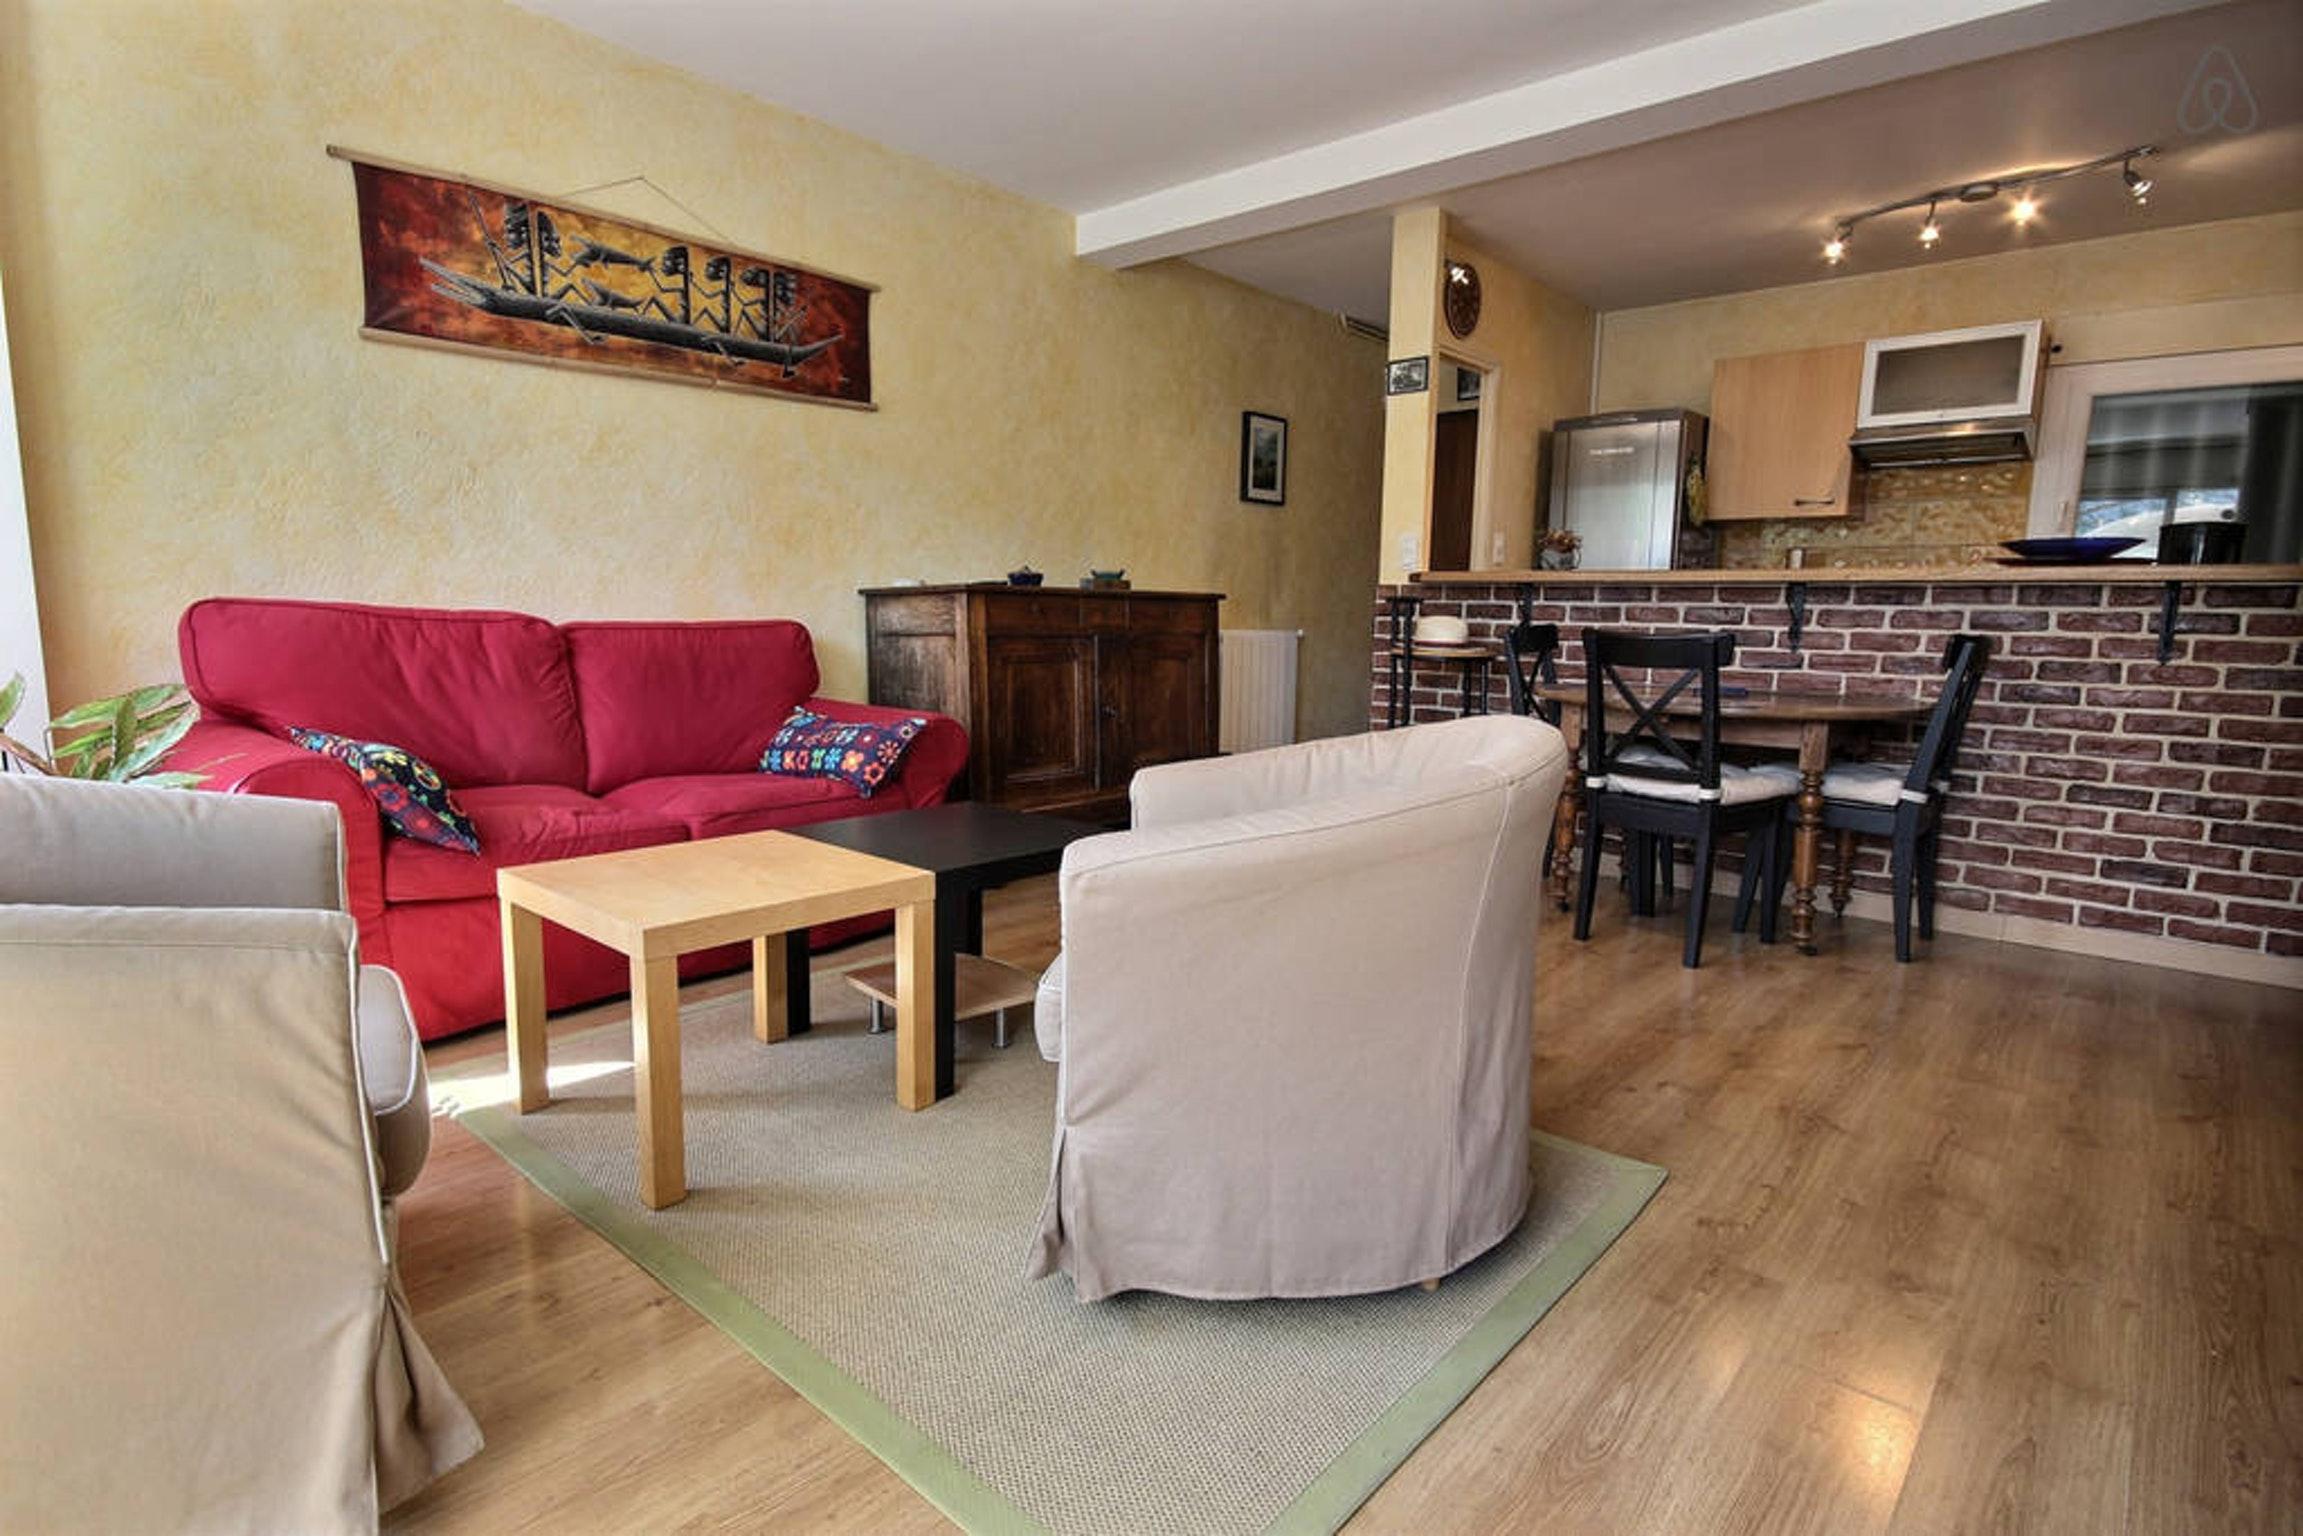 Ferienwohnung Wohnung mit 2 Zimmern in Montpellier mit möblierter Terrasse und W-LAN - 15 km vom Strand  (2351209), Montpellier, Mittelmeerküste Hérault, Languedoc-Roussillon, Frankreich, Bild 4